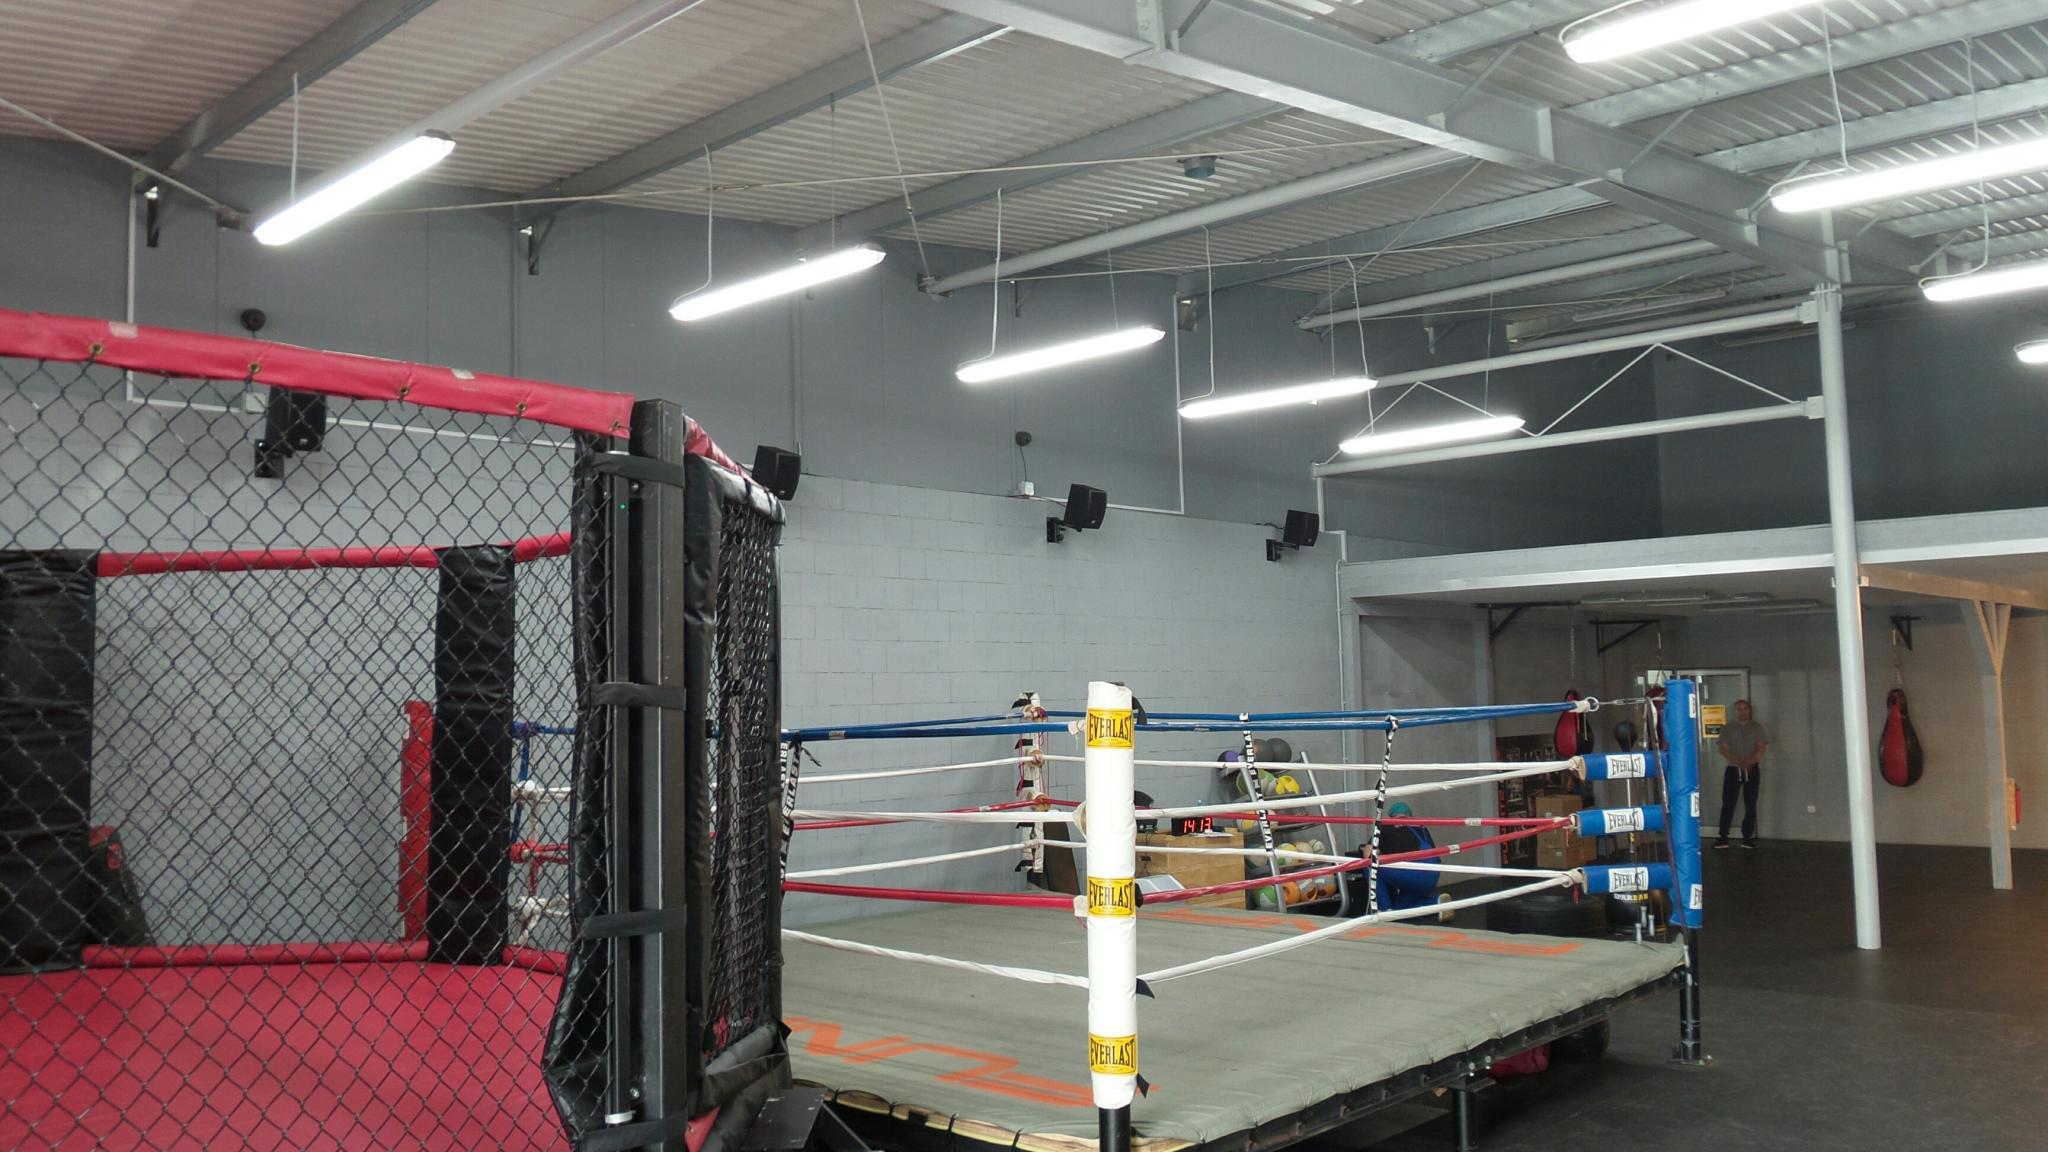 Dostawa i montaż nagłośnienia w klubie fitness FUNFIT II w Zielonej Górze